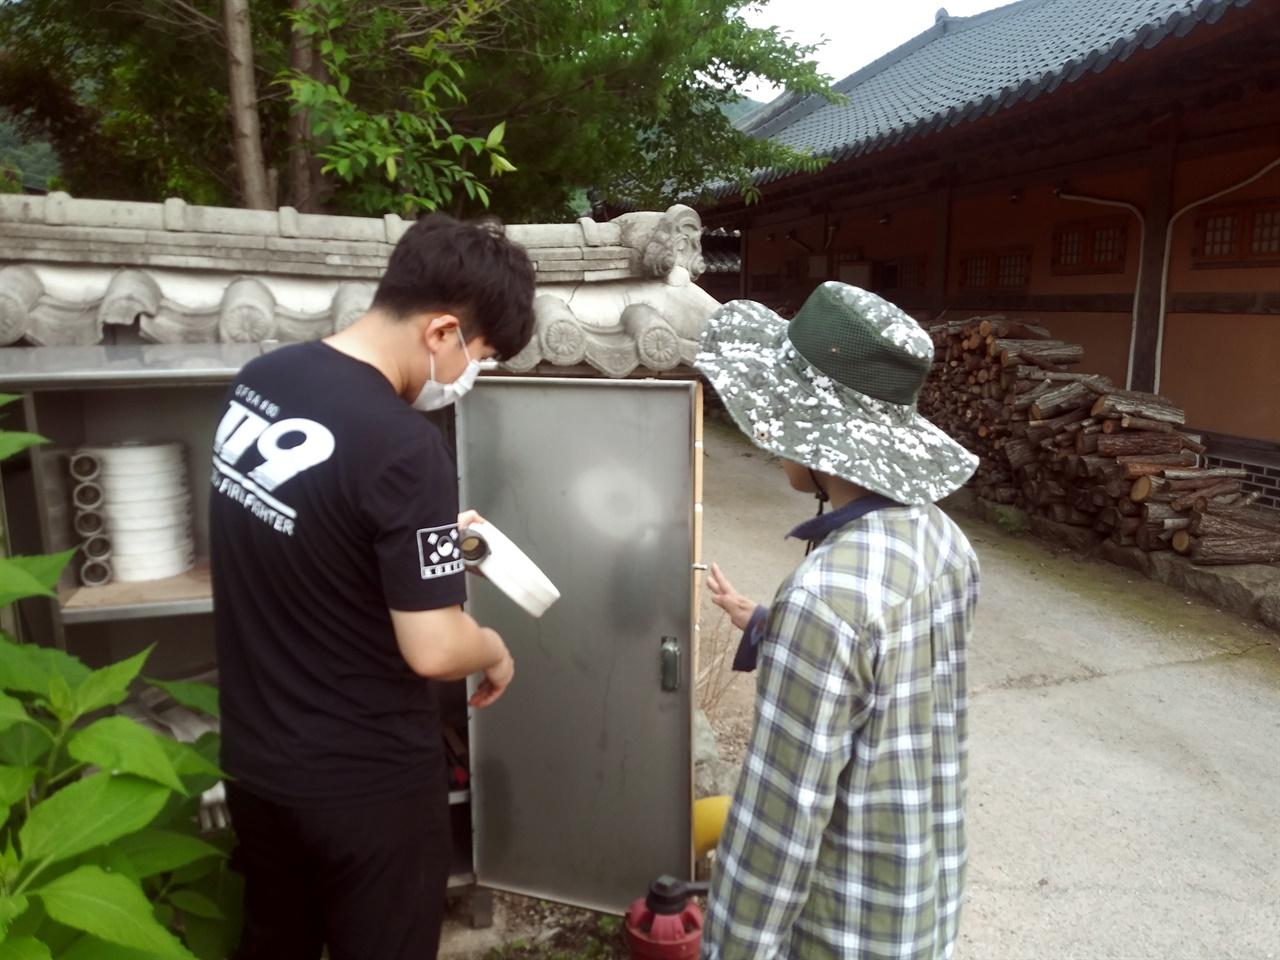 소방대원과 오두마을 이장이 함께 소방안전점검에 참여하고 있다.